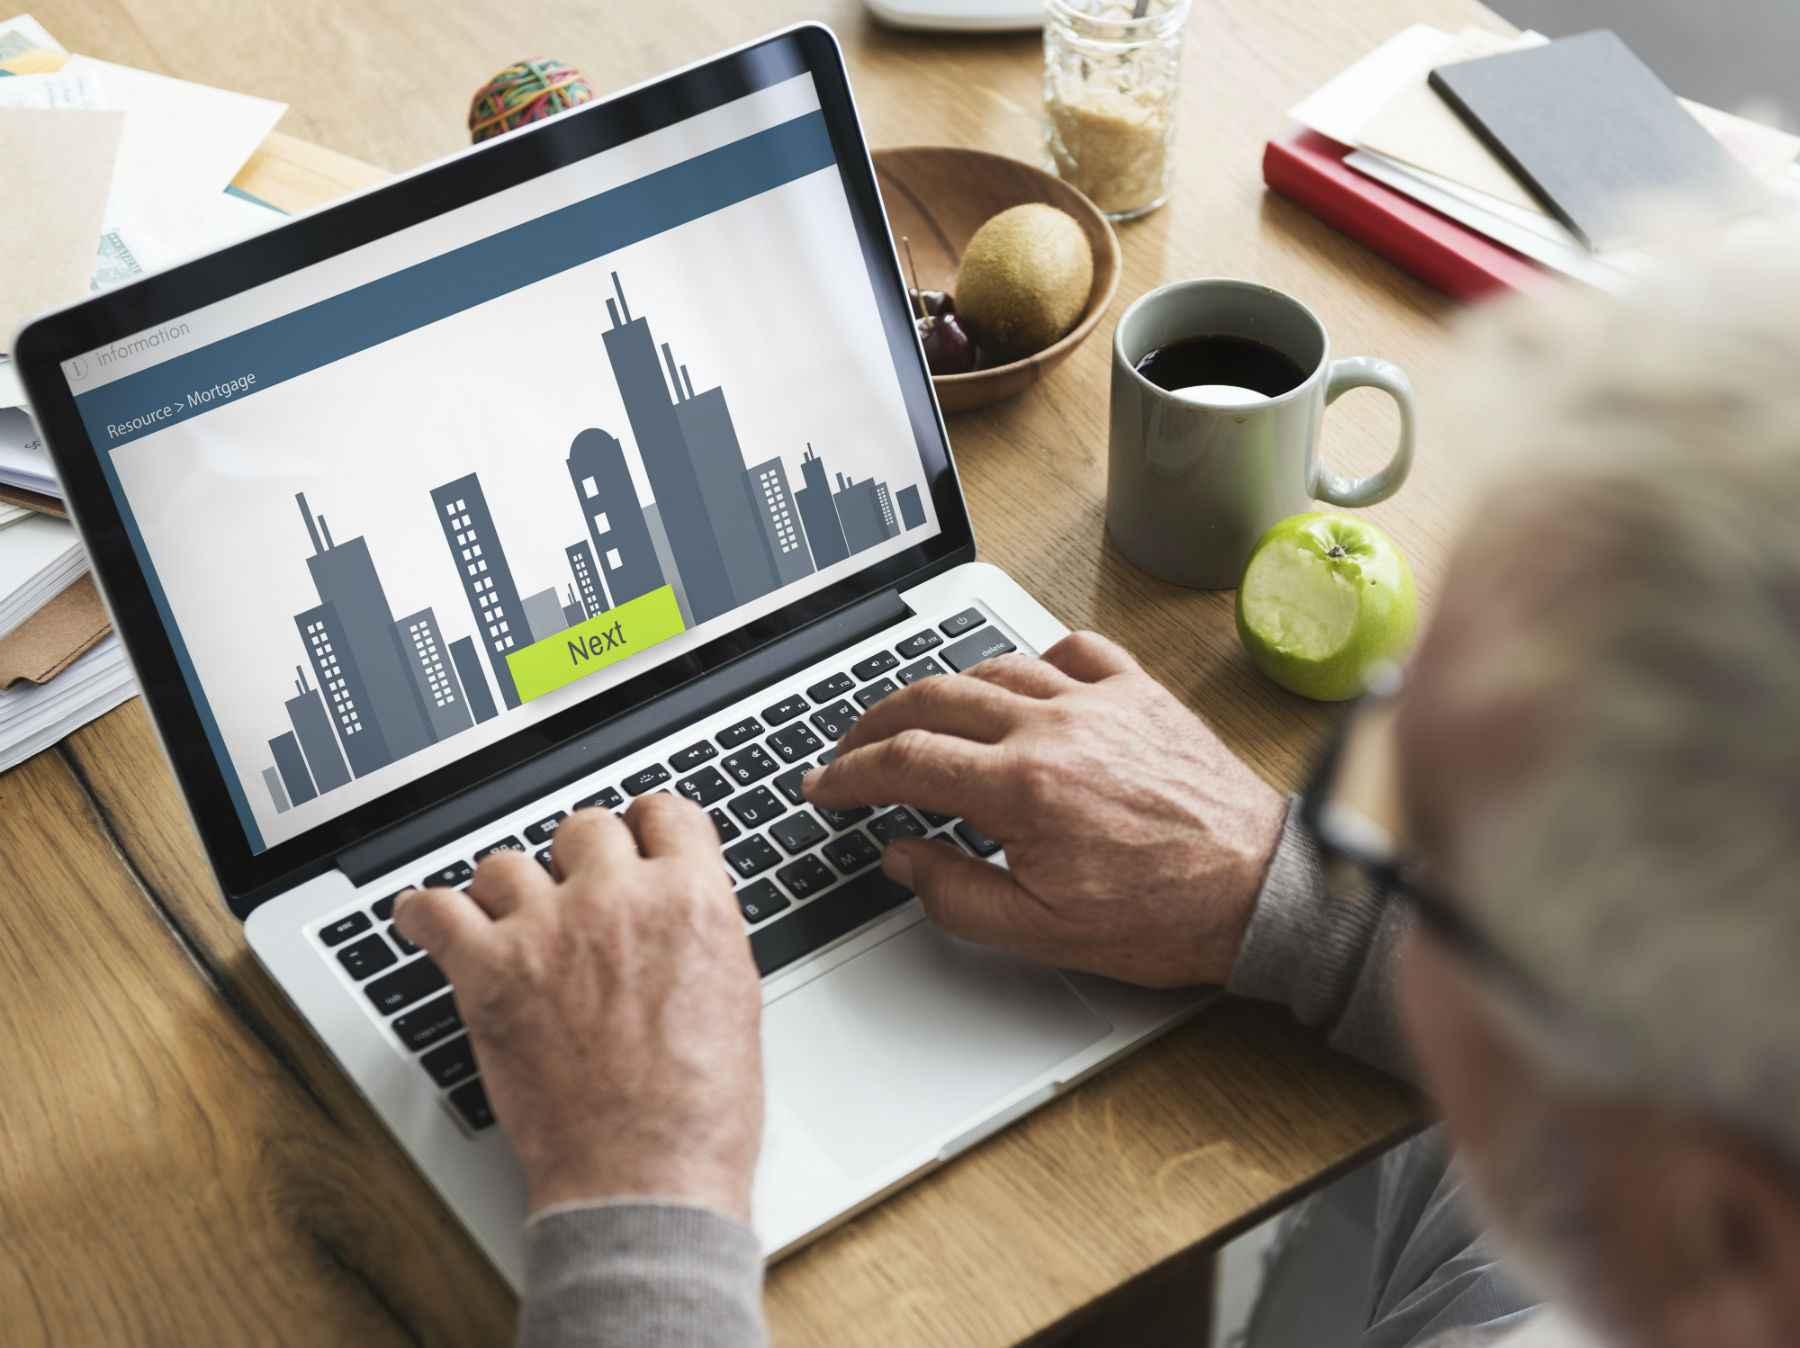 Más de 21 millones buscaron propiedades en Internet